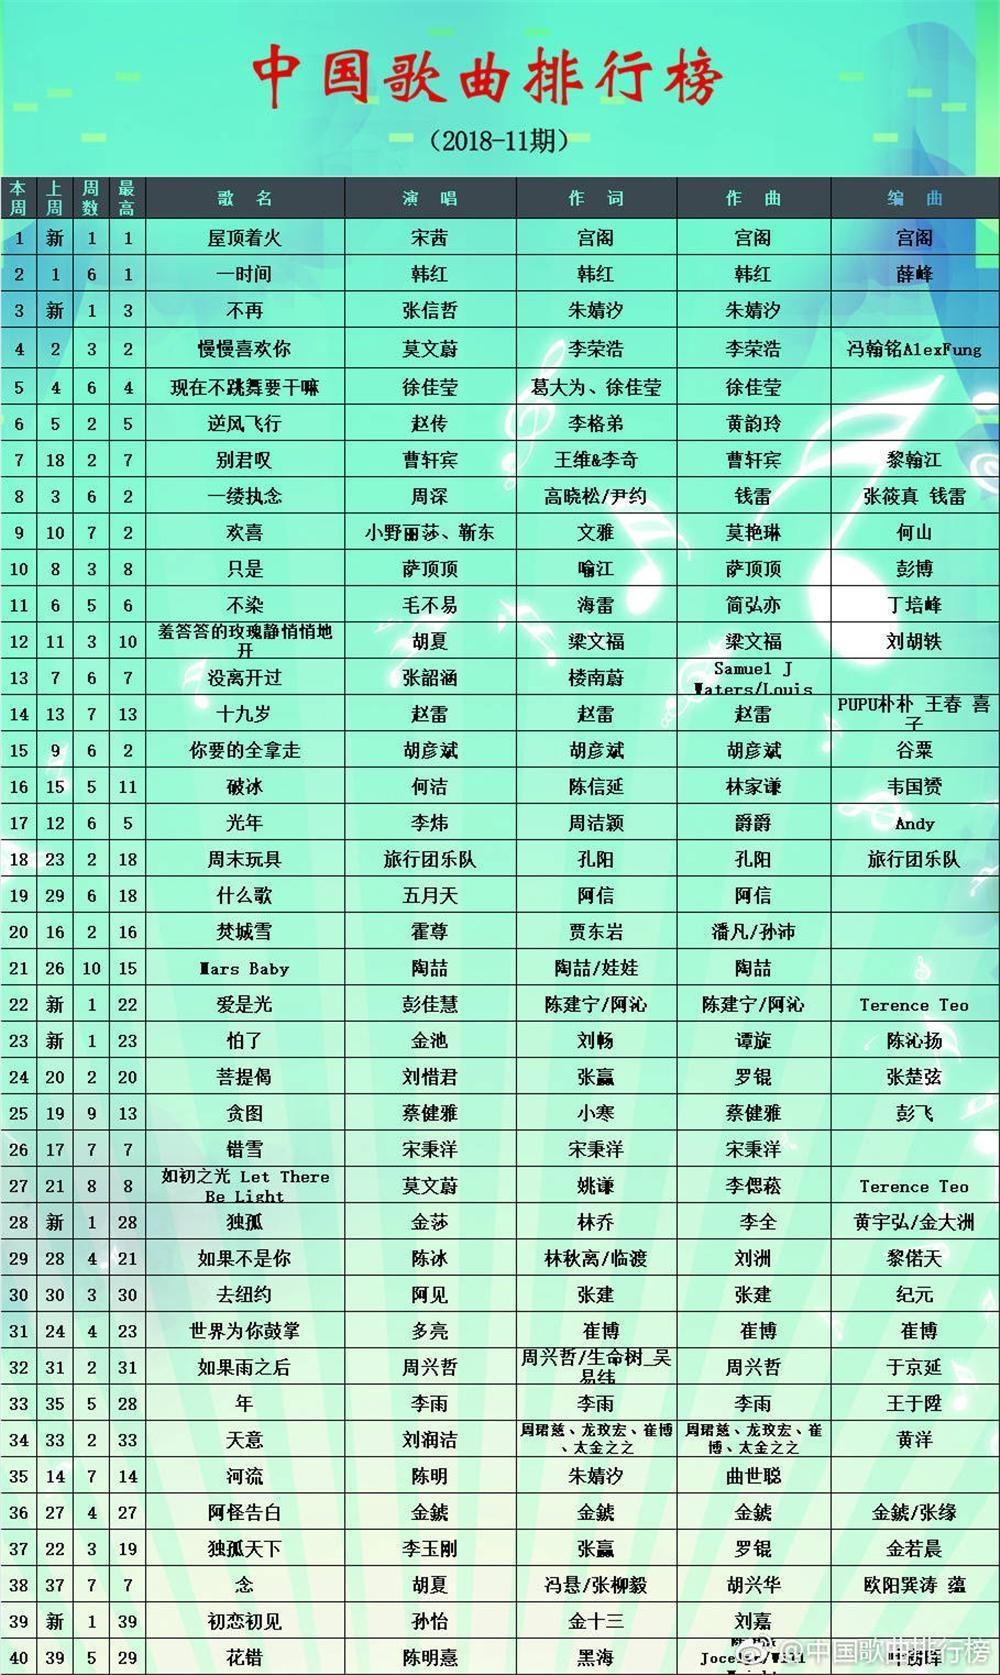 2018新歌曲排行榜_抖音歌曲排行榜在哪里 抖音音乐2018排行榜怎么看